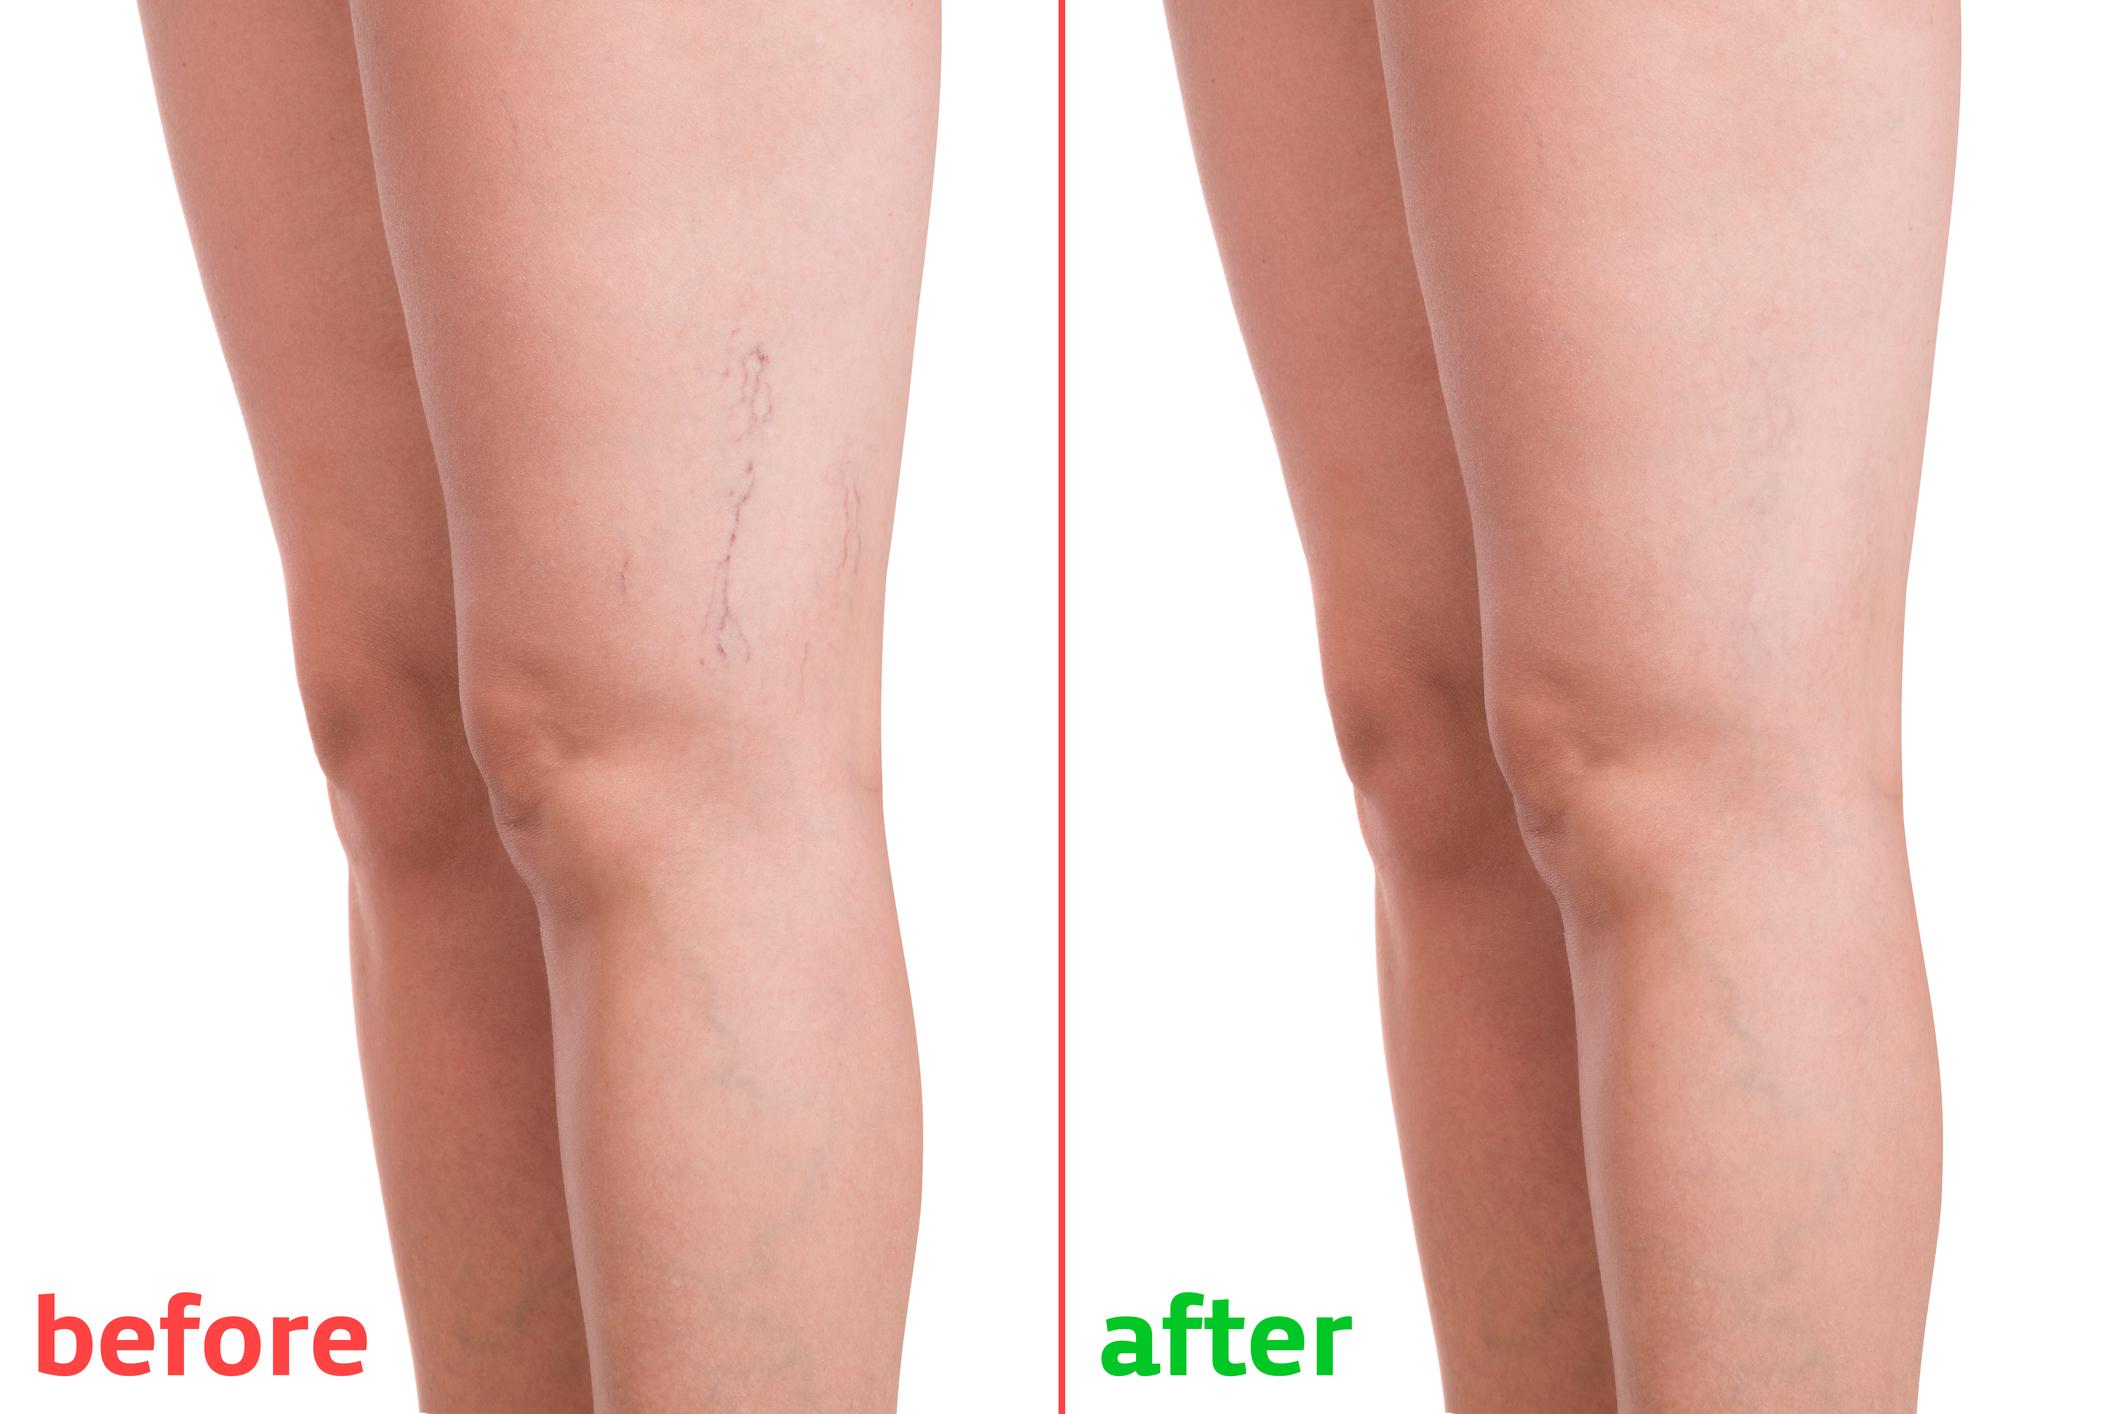 vitaminok visszerek és lábak mennyit viseljen rugalmas kötést a visszerek után